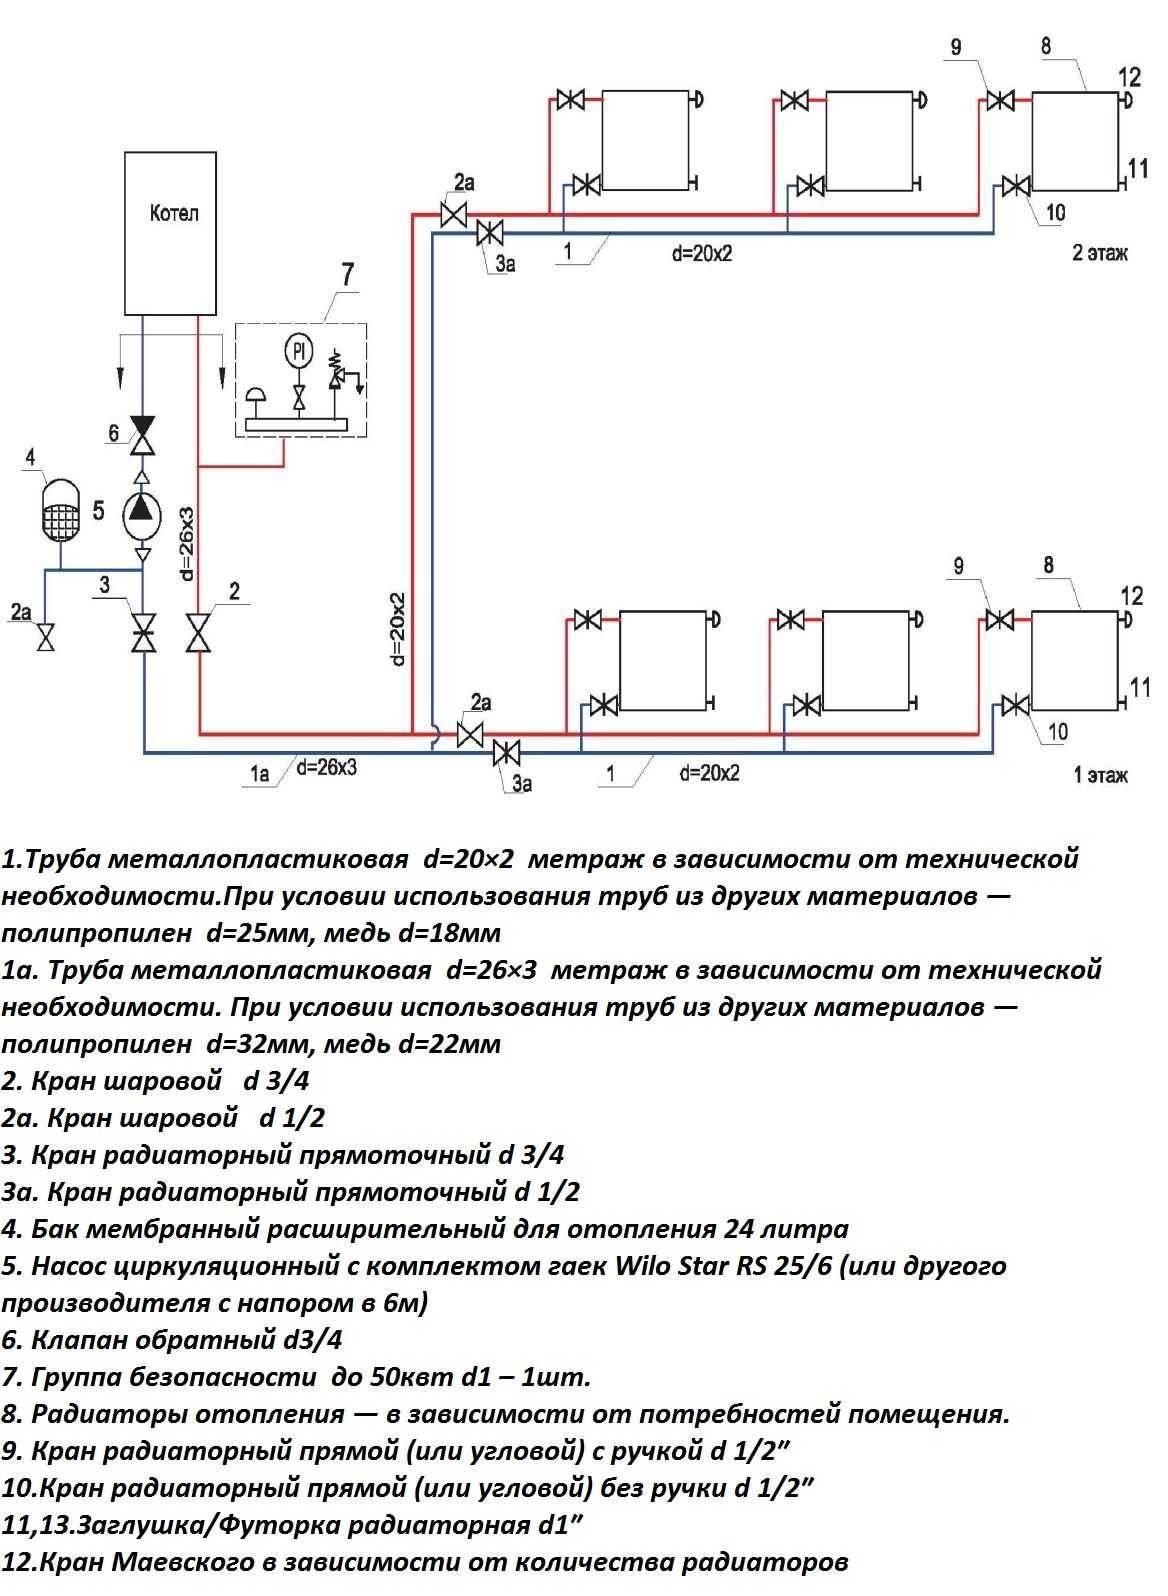 Система отопления двухэтажного частного дома: однотрубная и двухтрубная система отопления двухэтажного частного дома: однотрубная и двухтрубная